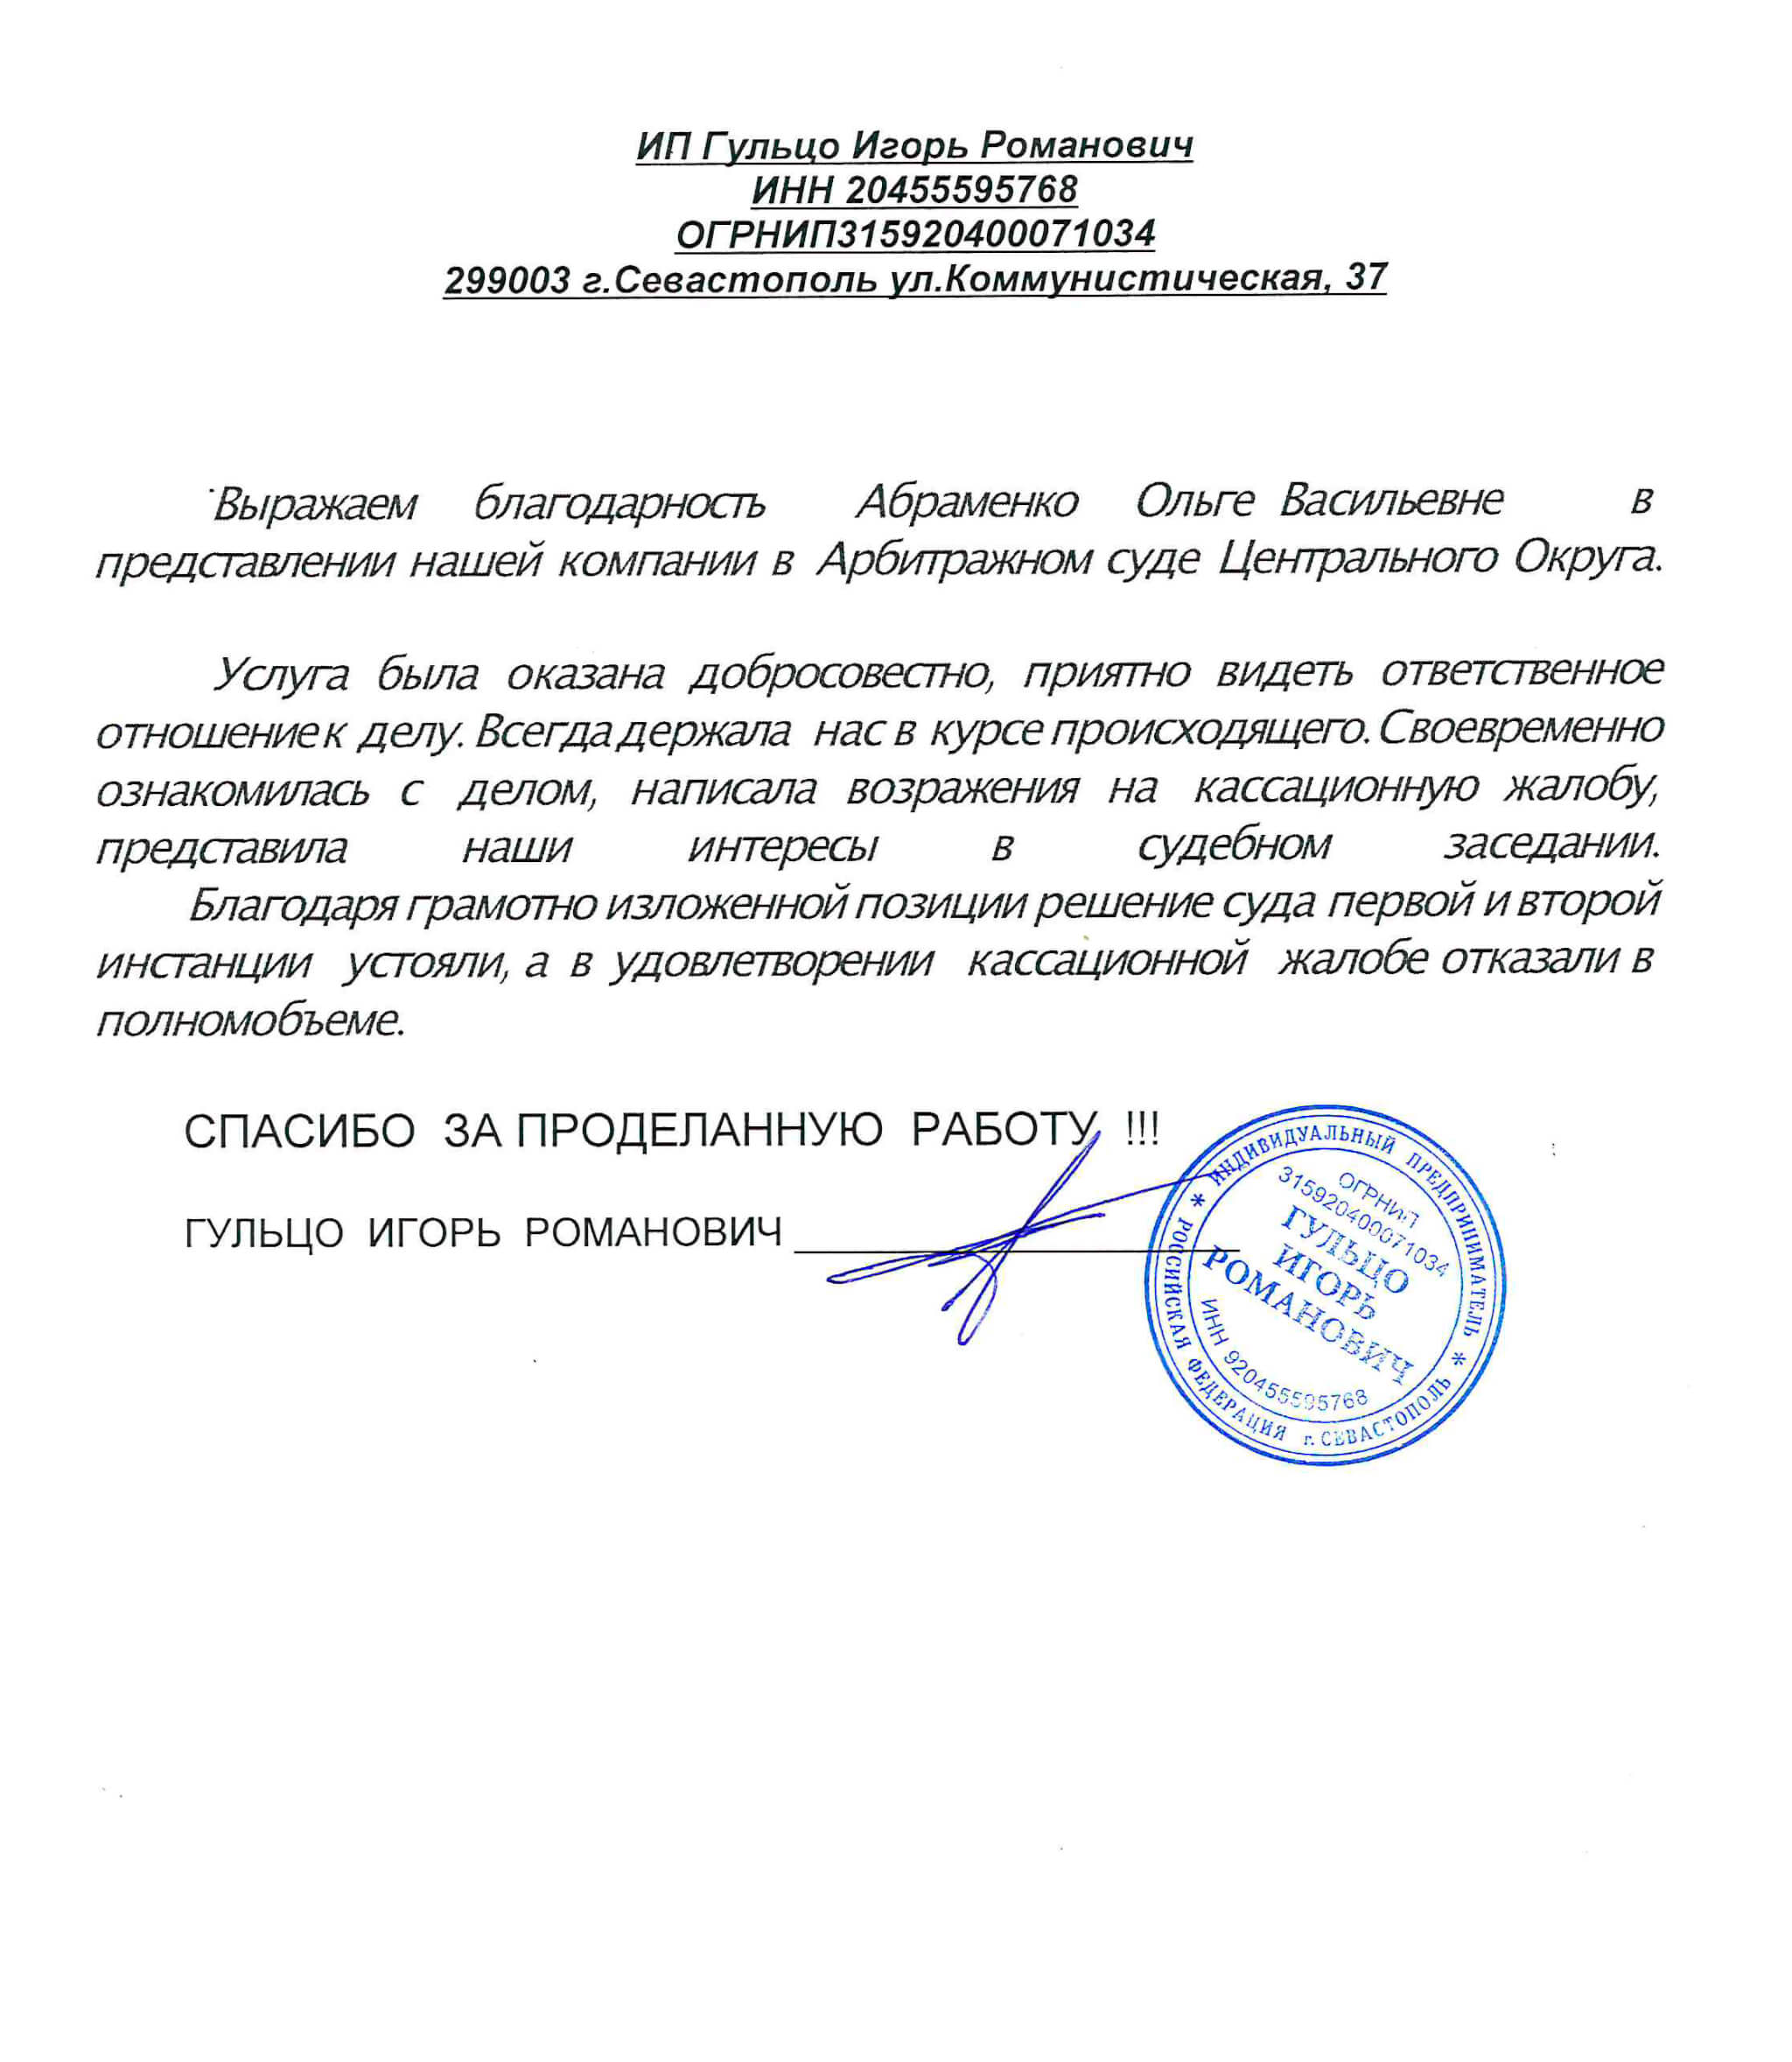 ИП Гульцо Игорь Романович